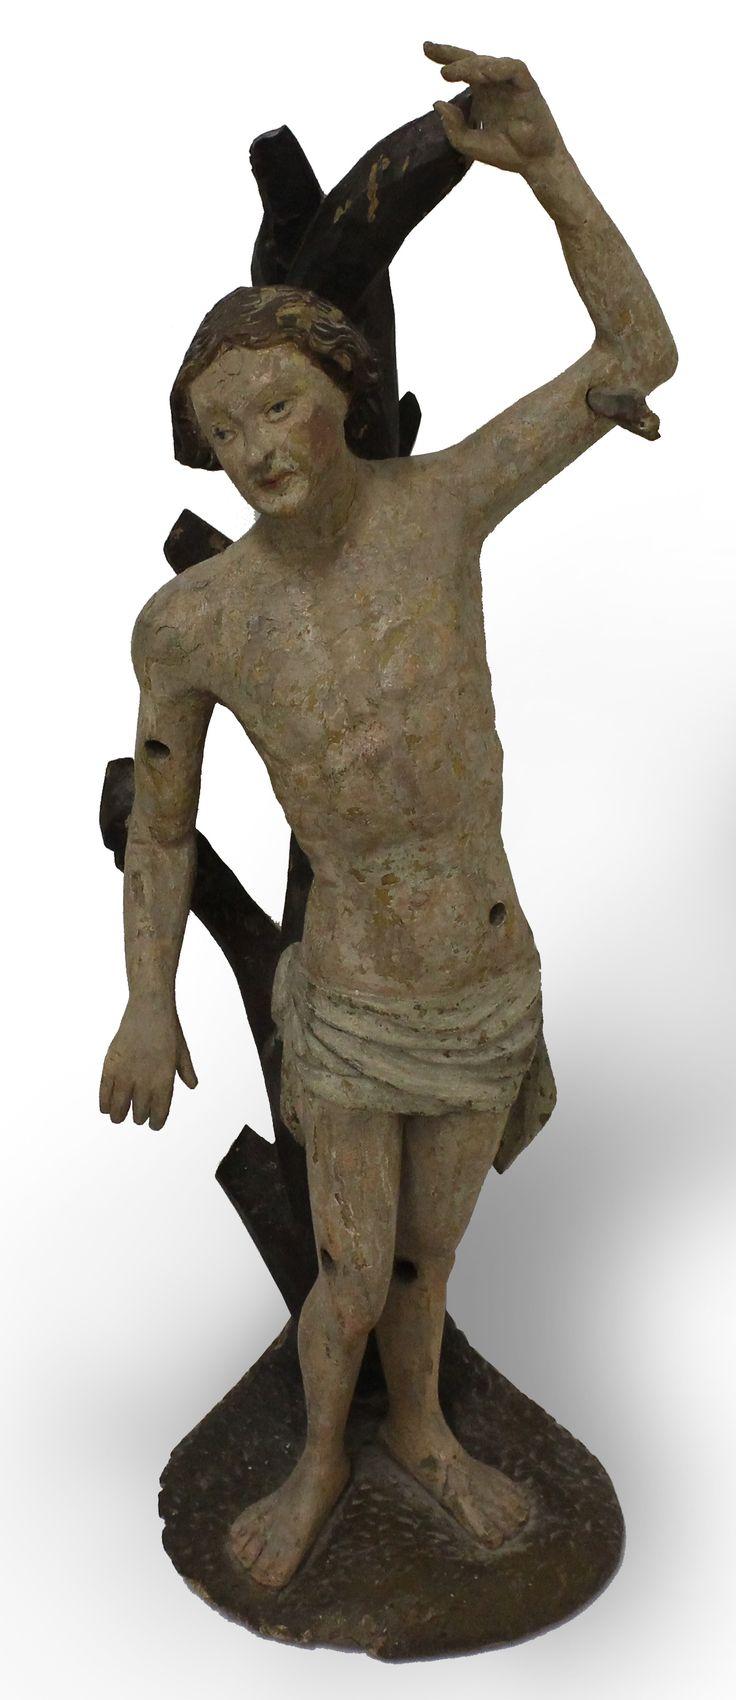 SVÄTÝ SEBASTIÁN  NEZNÁMY STREDOEURÓPSKY REZBÁR  Obdobie: koniec 15. storočia  Materiál: lipové drevo  Technika: rezba, polychrómia  Značenie: neznačené  #art #auction #rezba #carving #museum #auctionhouse #diana